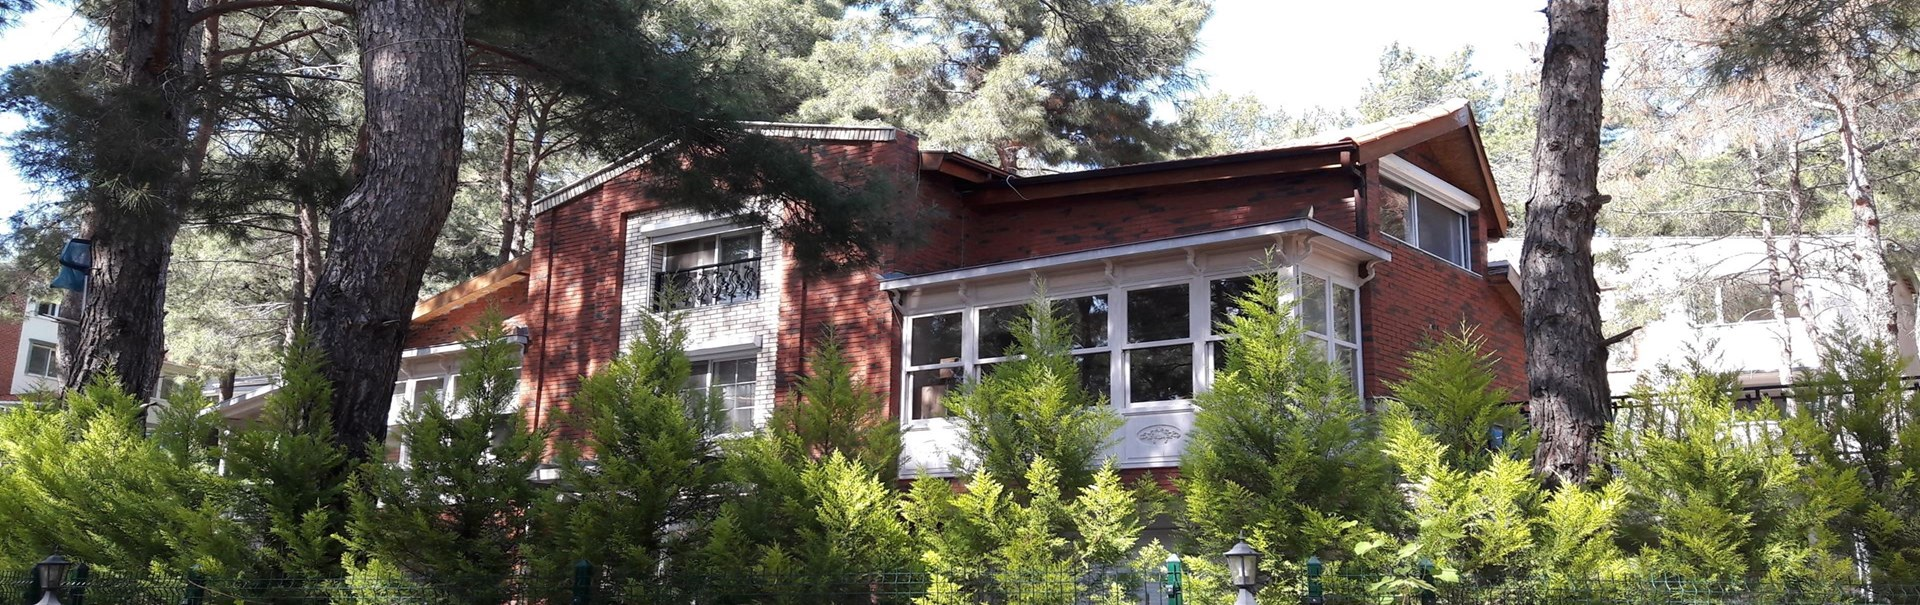 Acele Satılık Urla'da Satılık 4+2 Villa